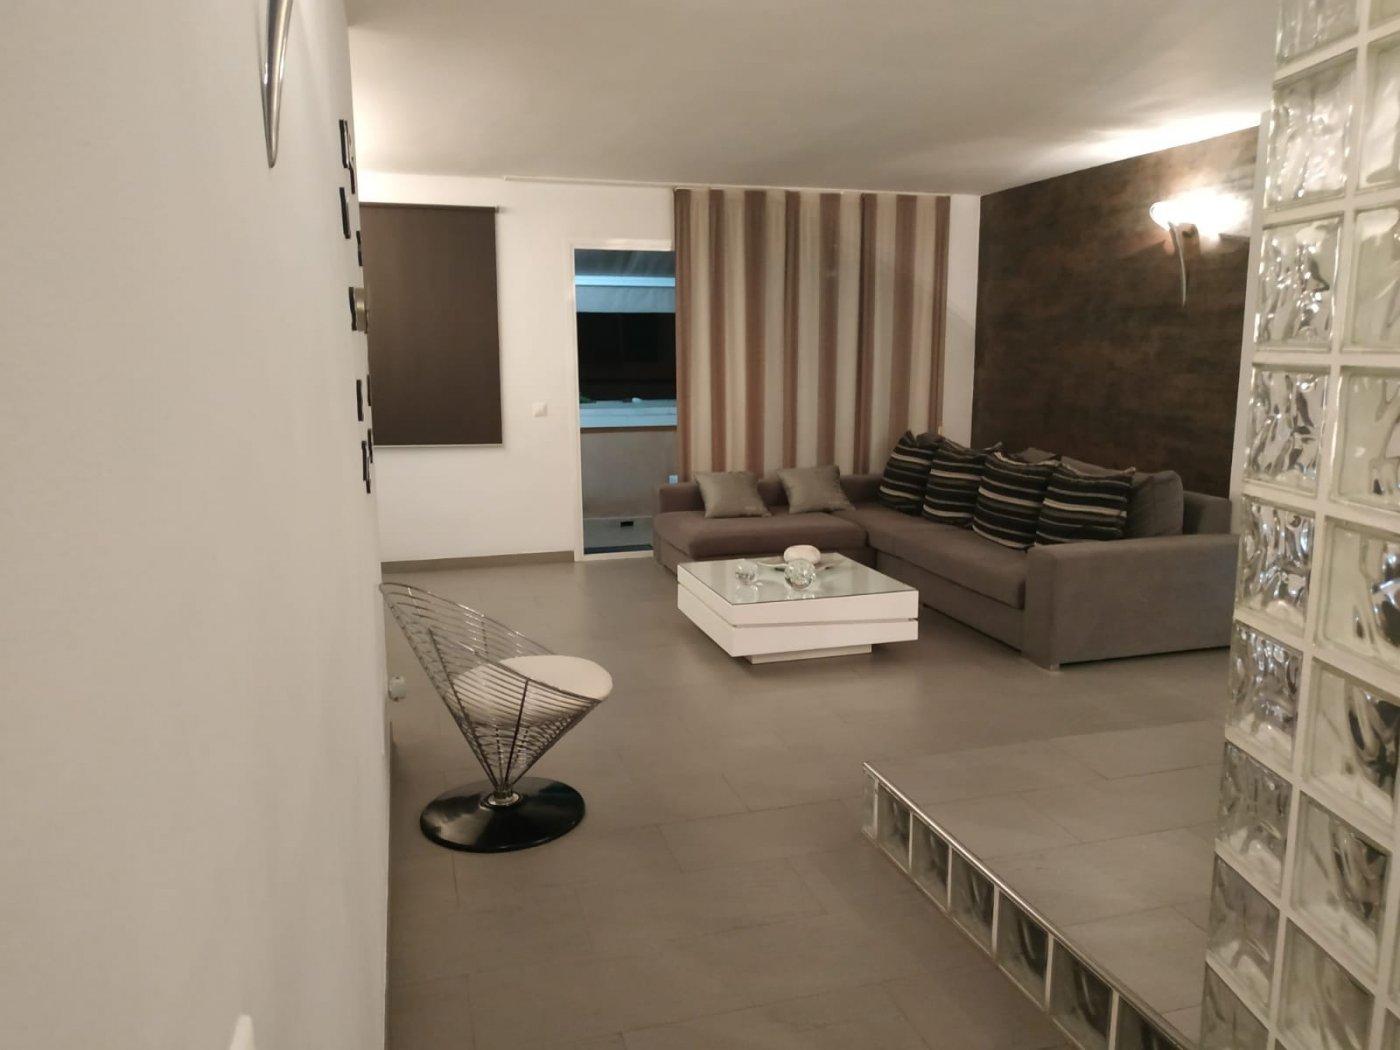 Se vende bonito apartamento semi nuevo con parking en andratx - imagenInmueble4